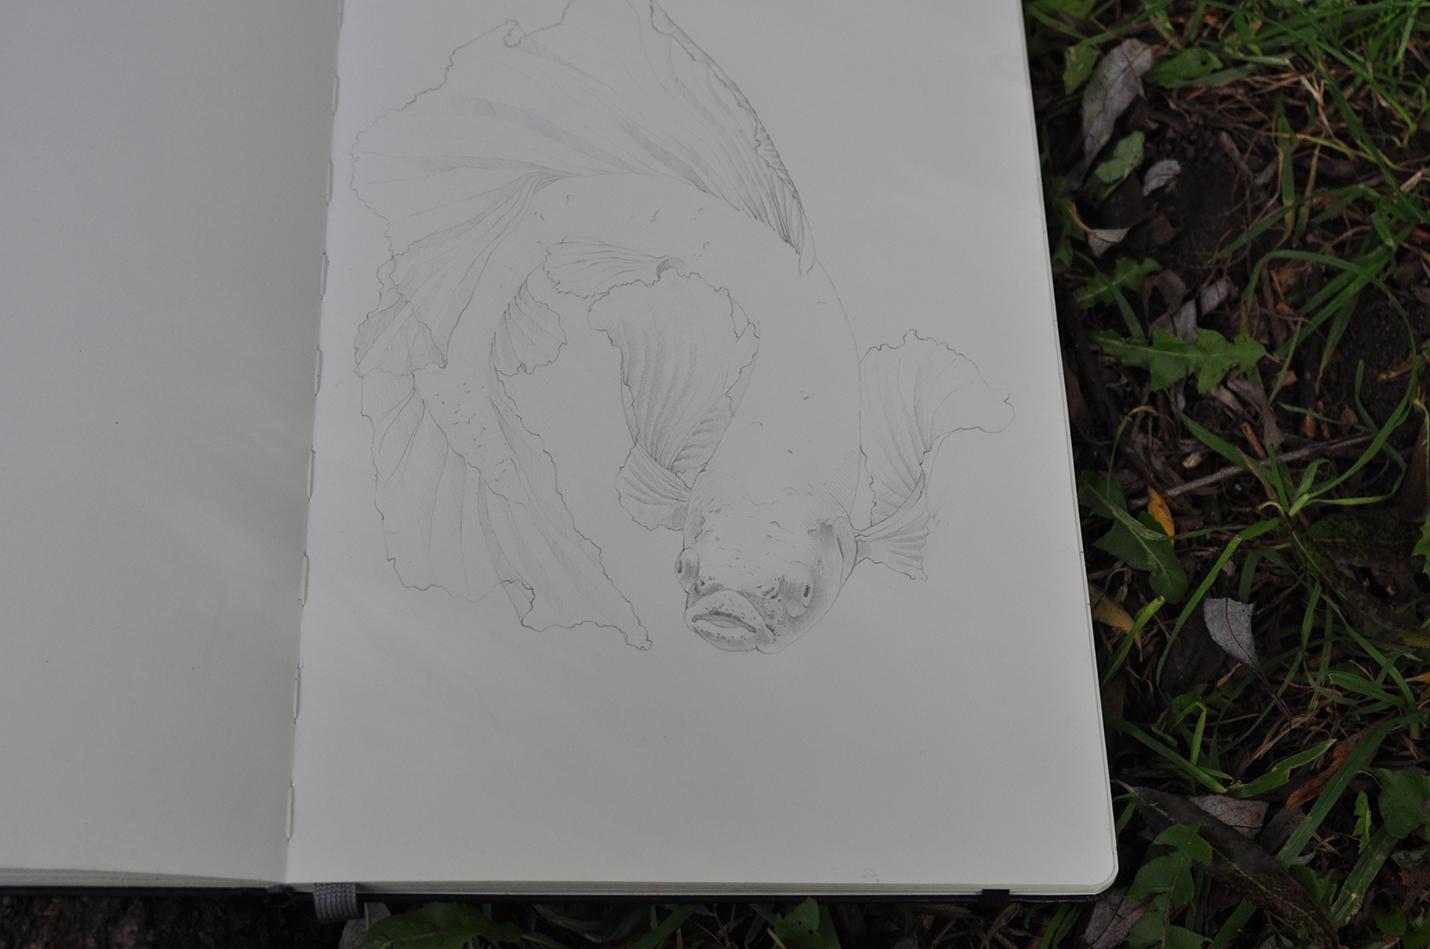 карандашный скетч 10